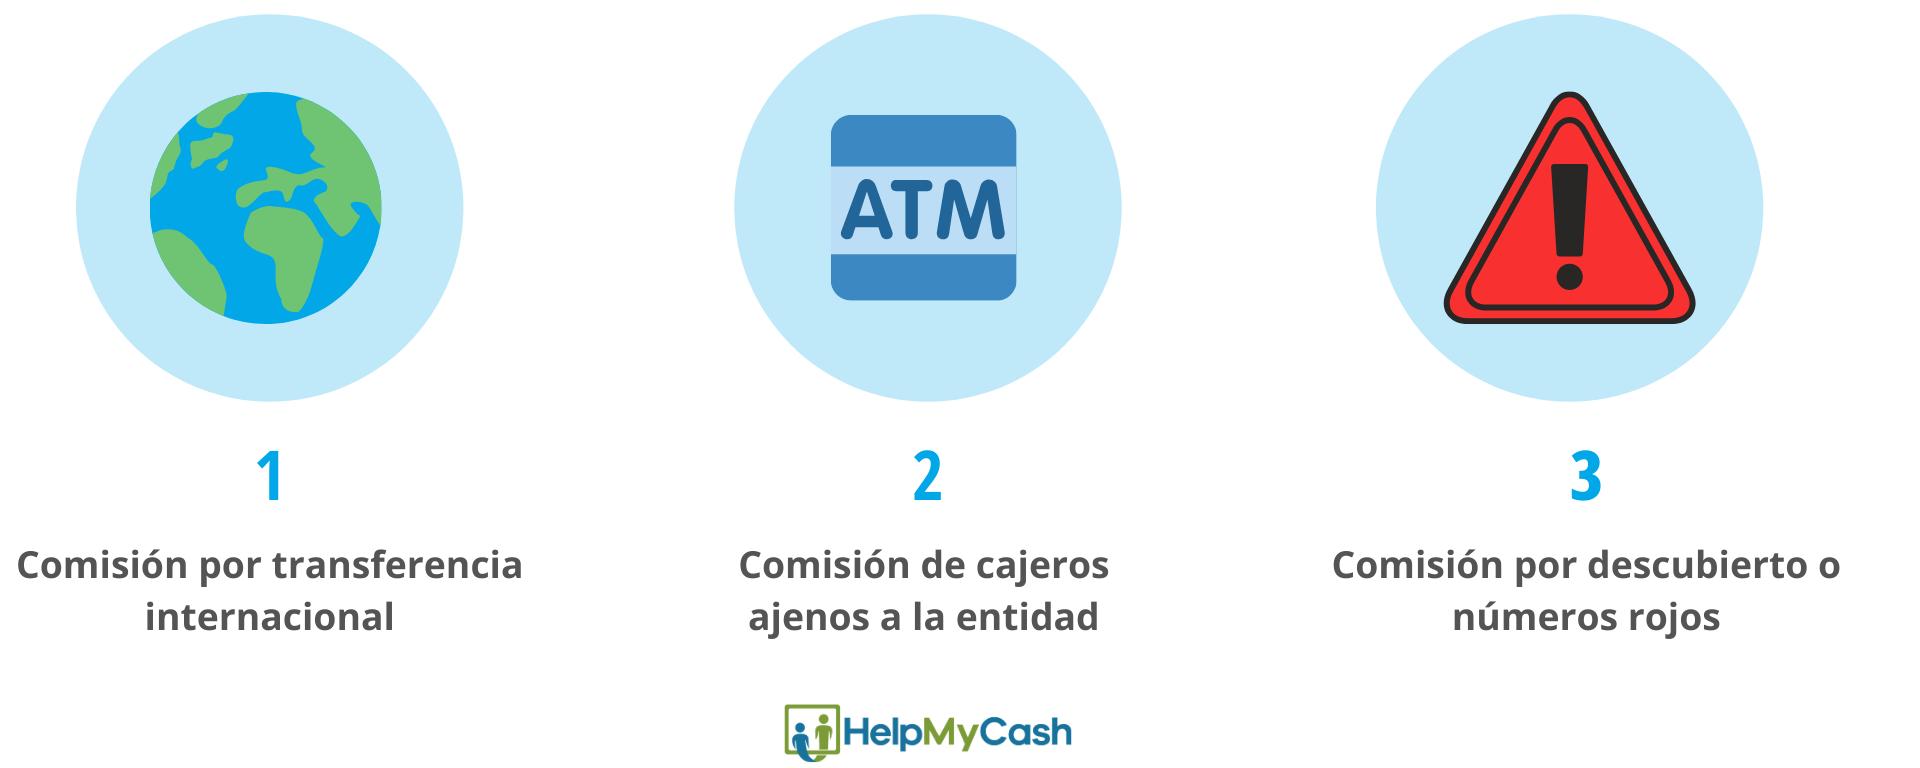 comisiones bancarias: 1- comisión por transferencia internacional. 2- comisión por retiradas en cajeros ajenos a la entidad. 3-comisión por descubierto o números rojos.